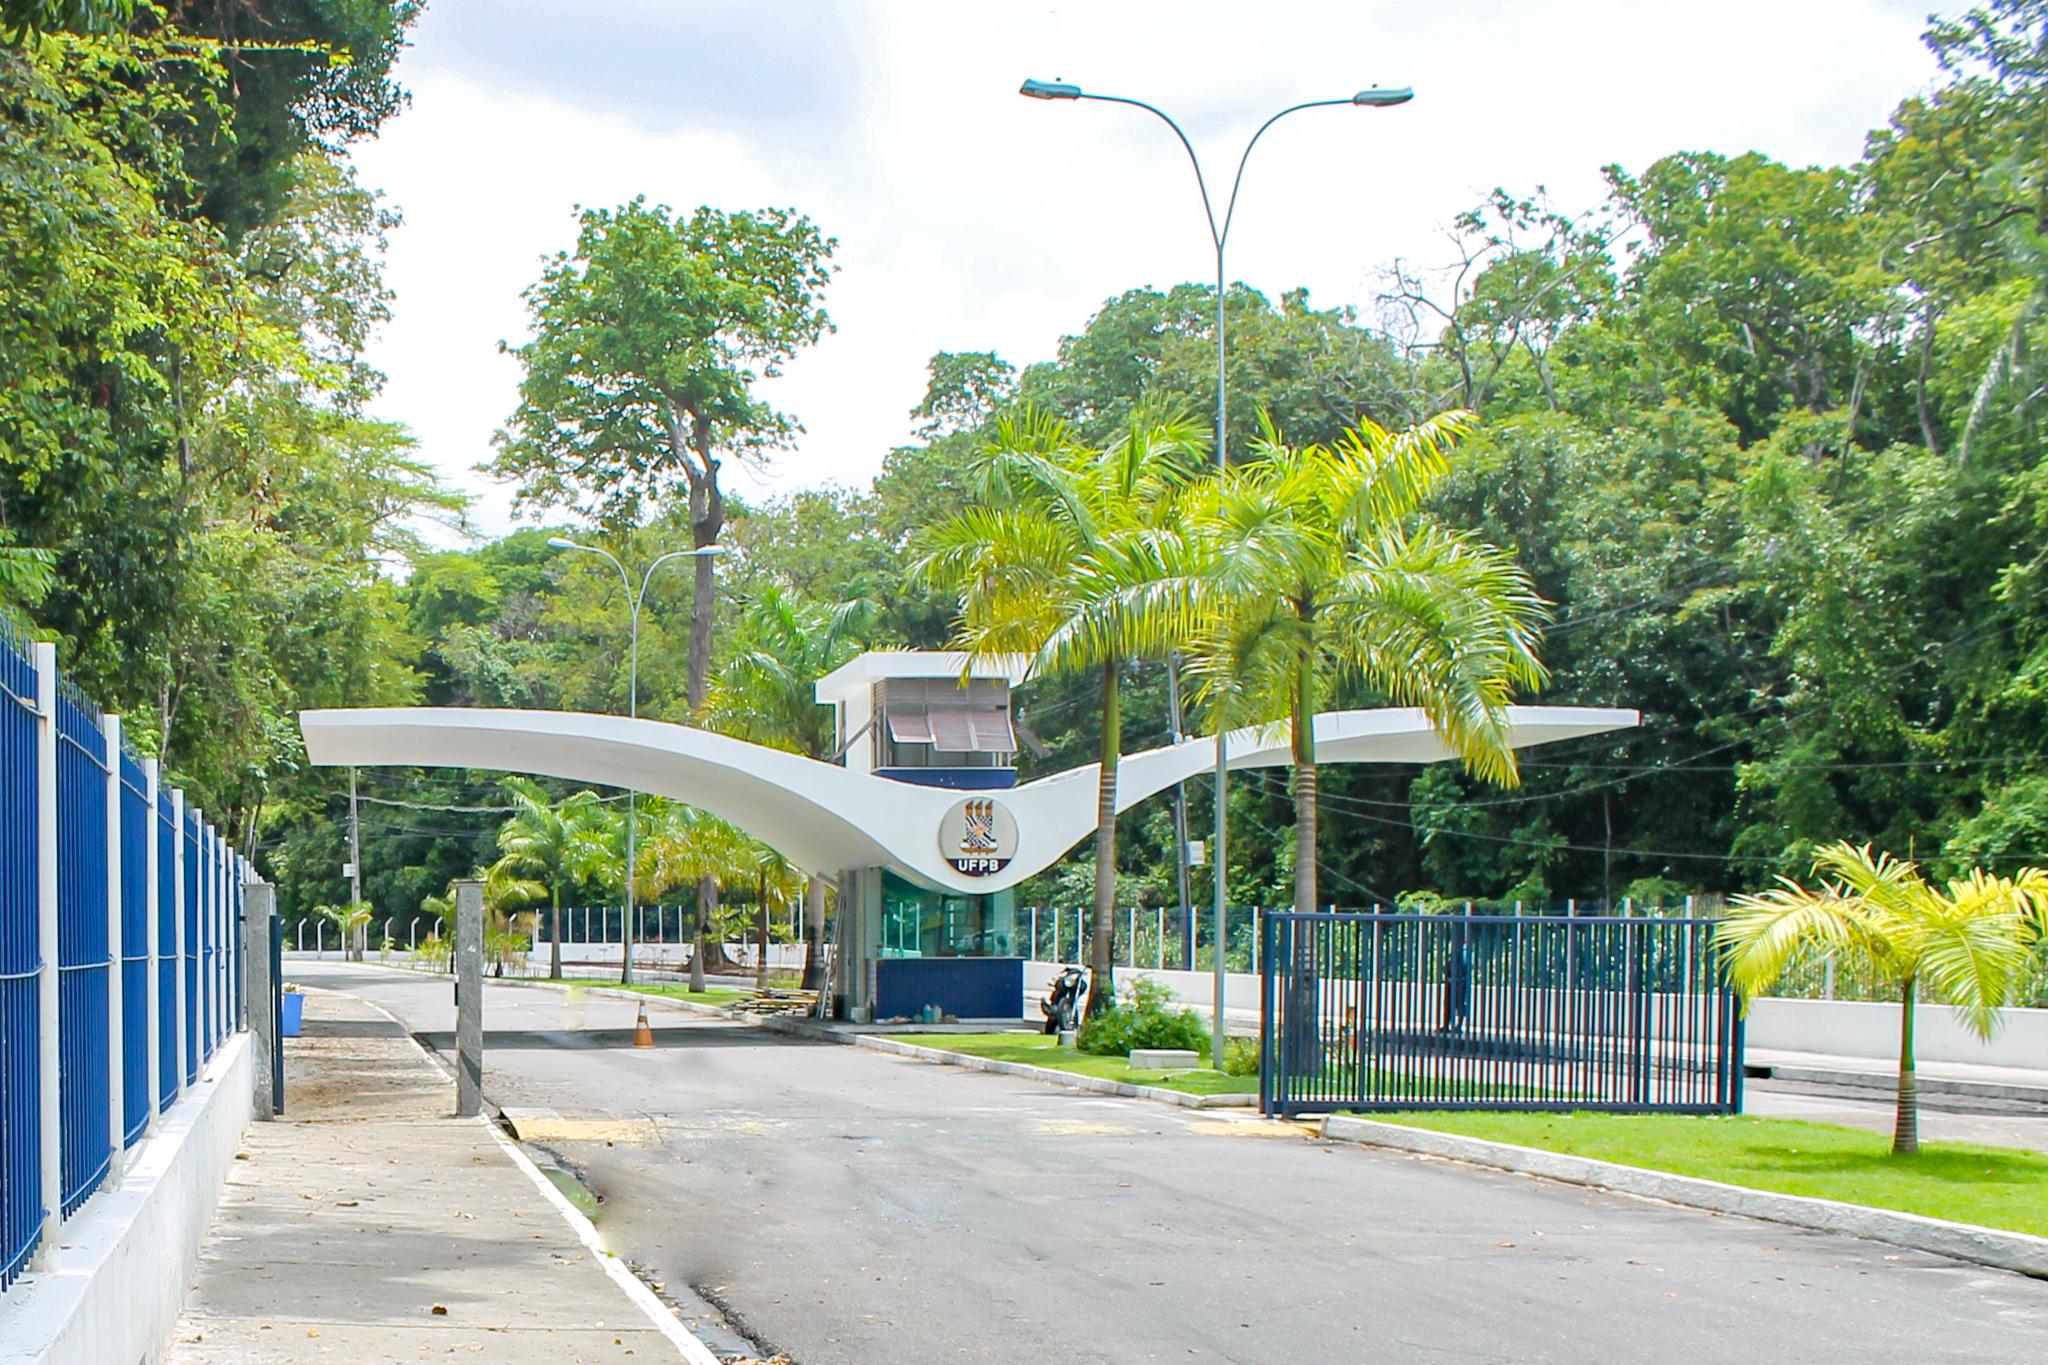 Foto: Angélica Gouveia